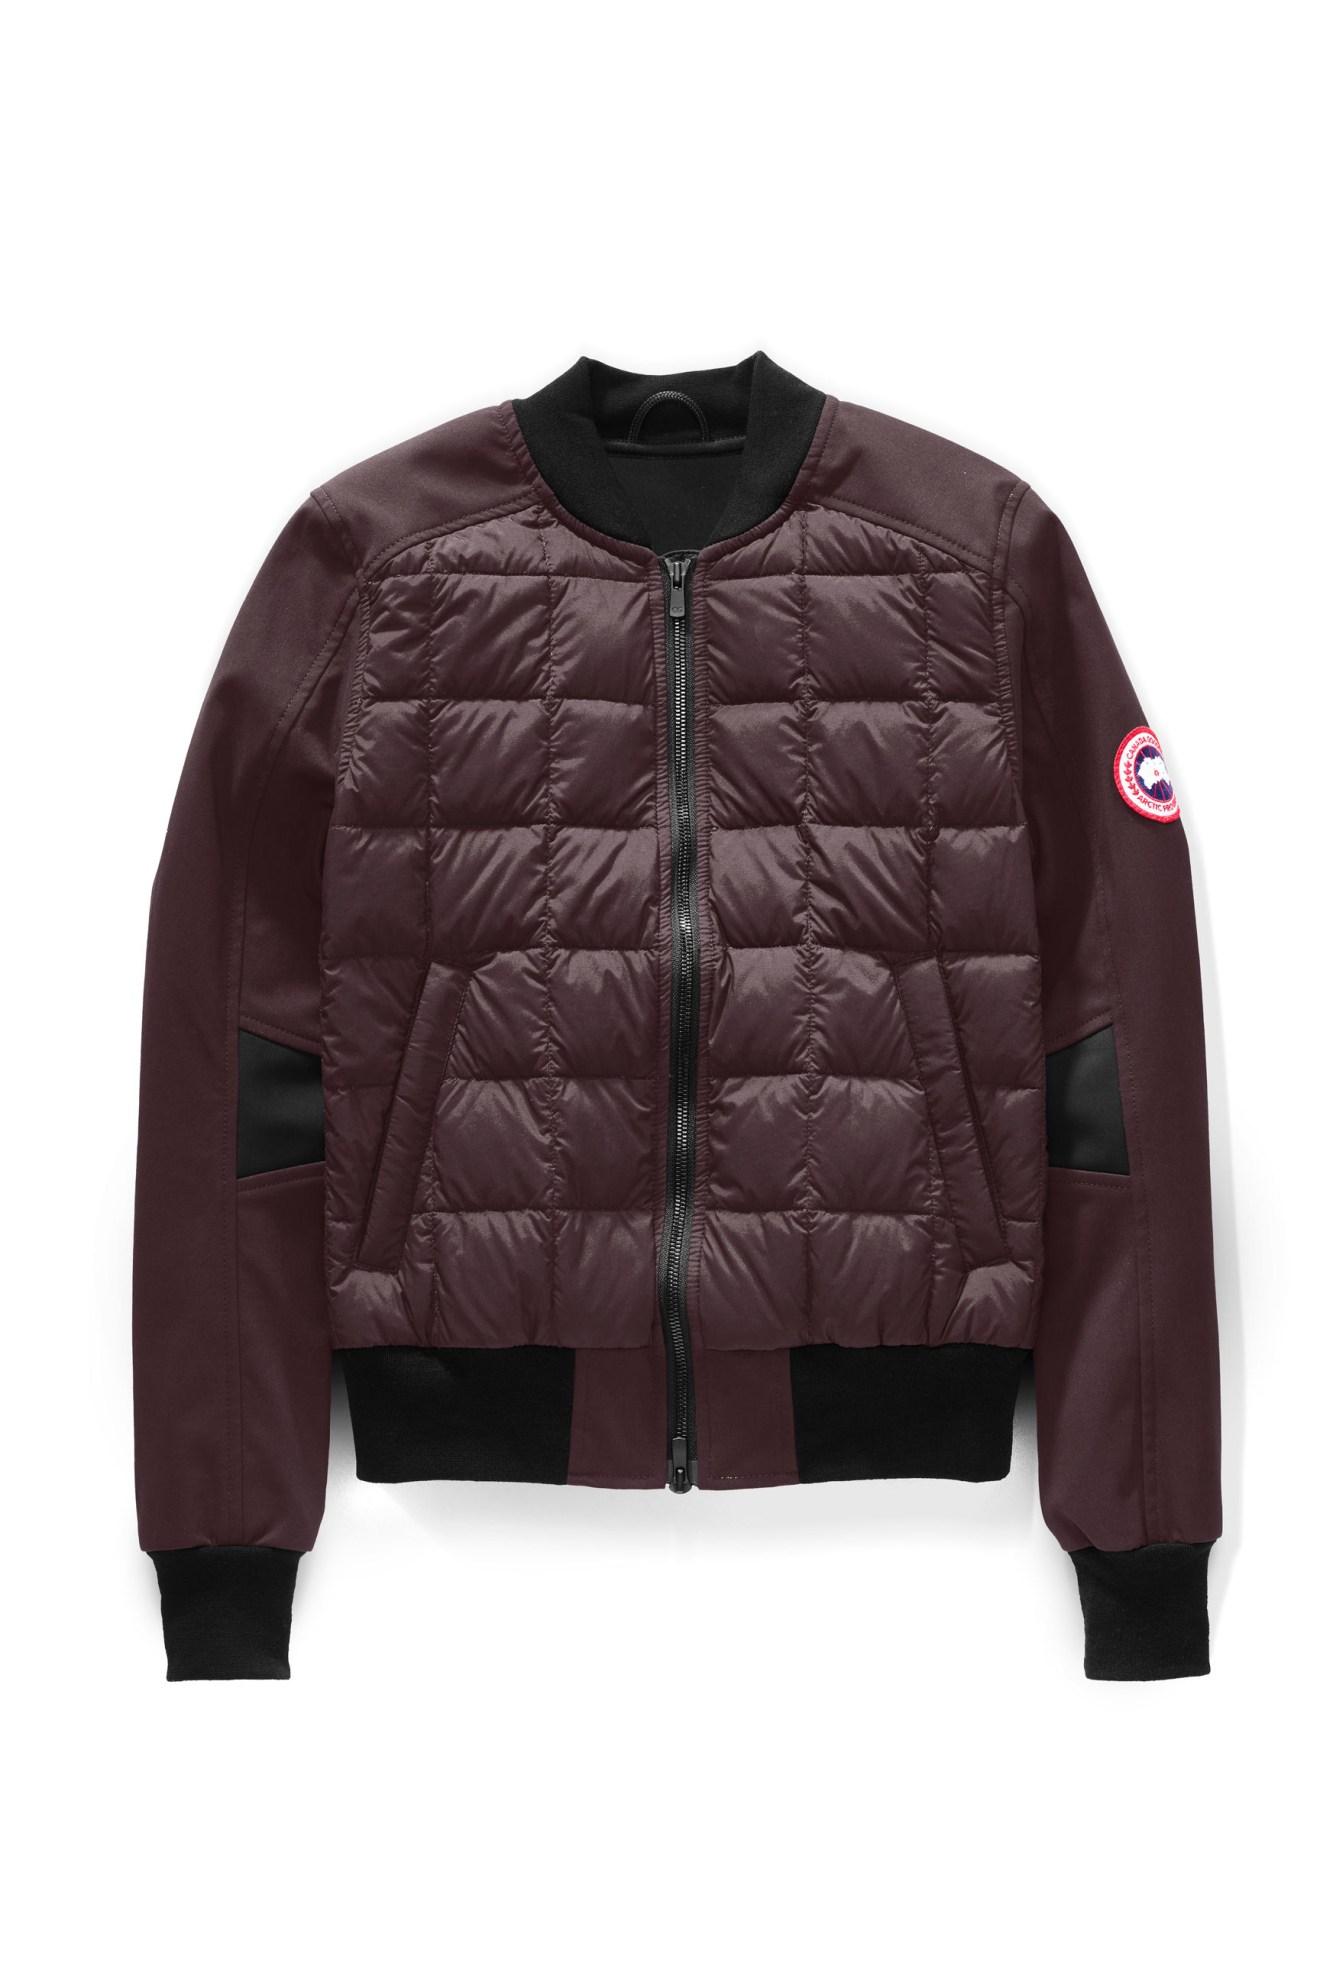 canada goose bomber jacket